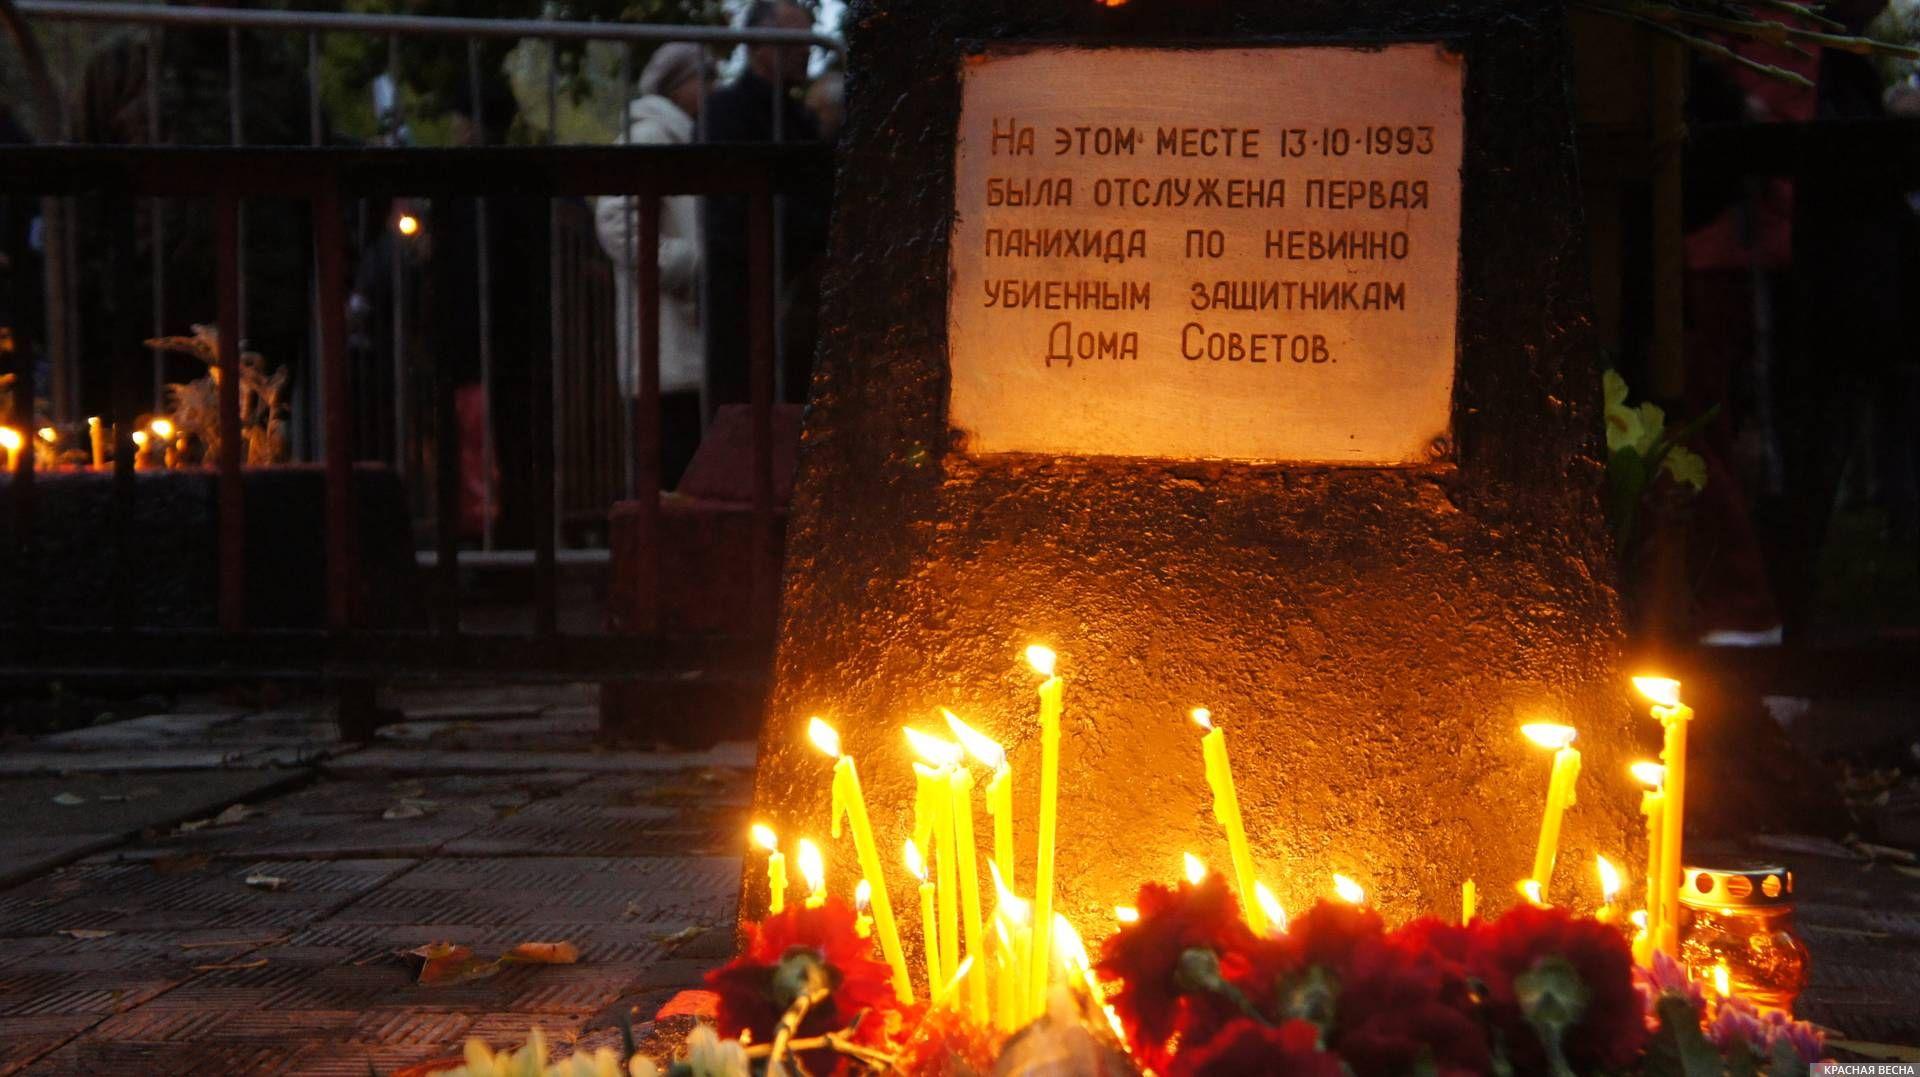 Возле мемориала памяти жертв октябрьских событий 1993 года.